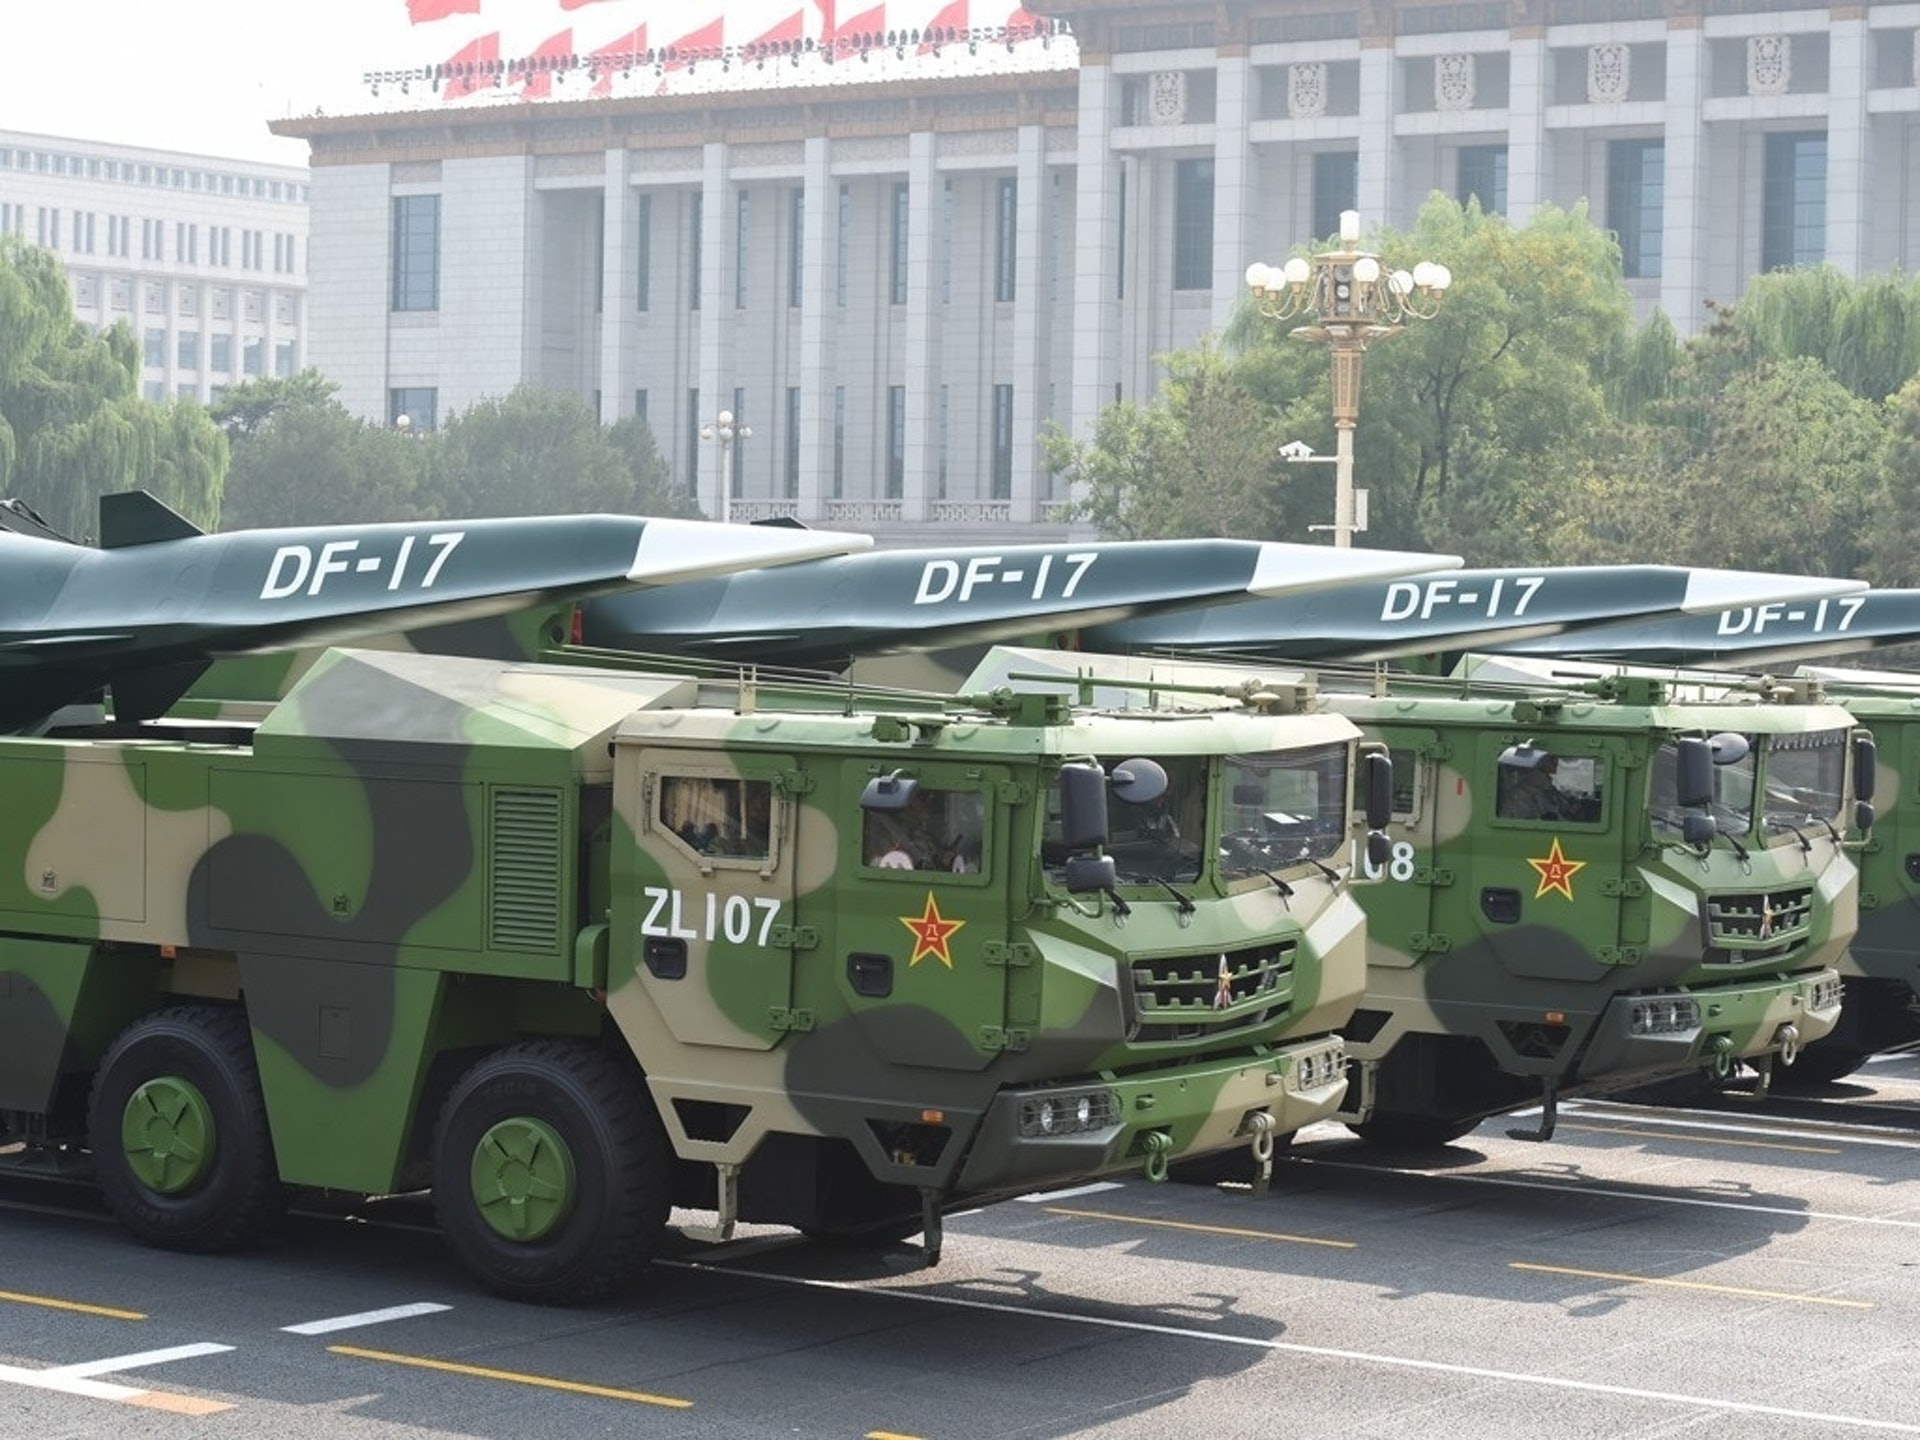 装备特殊弹头的东风-17弹道导弹。(新华社)